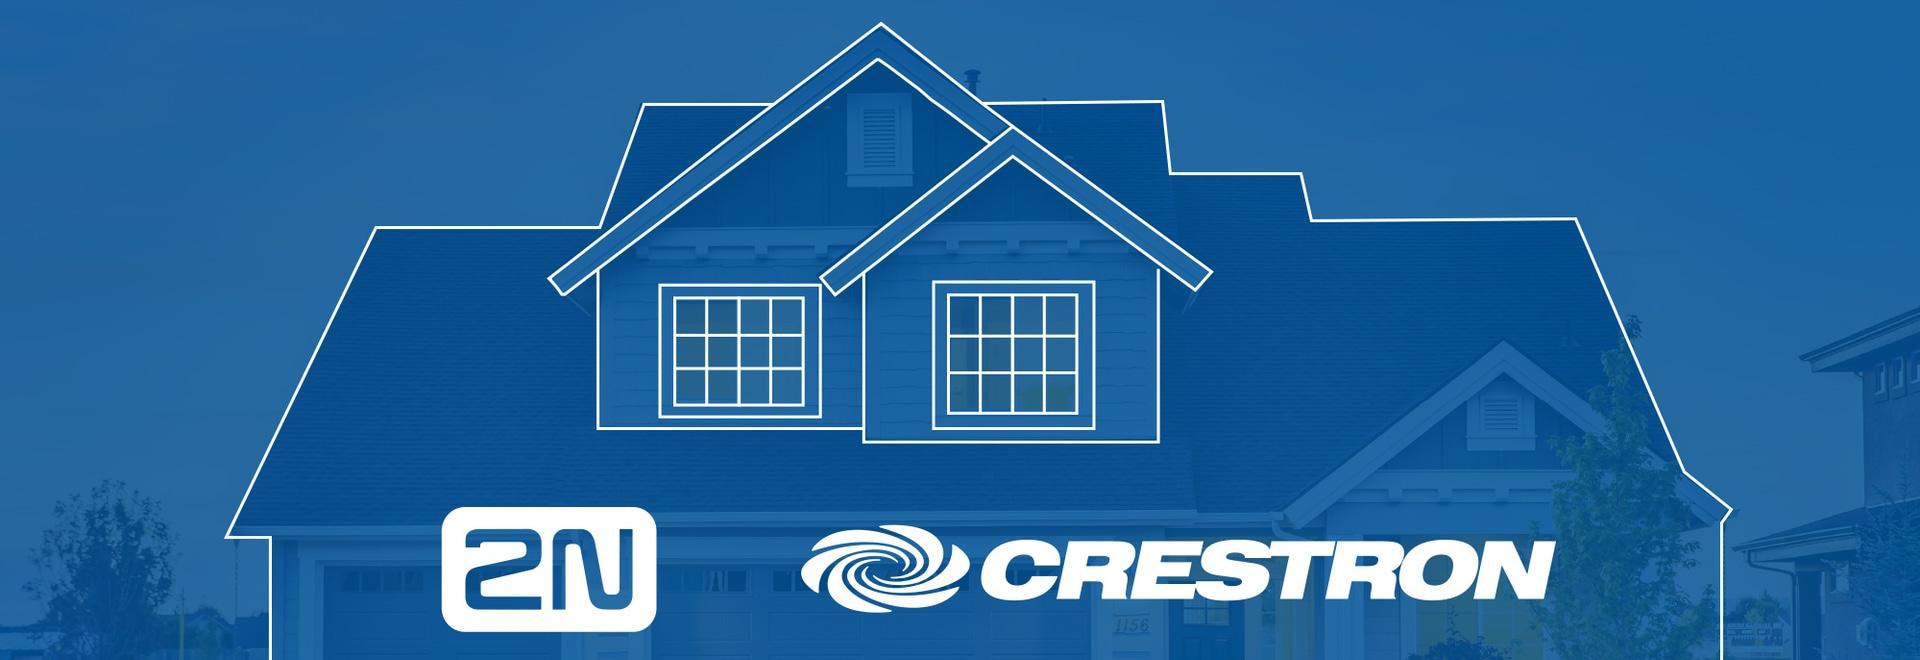 Bieten Sie intelligentes Wohnen an. Bieten Sie 2N und Crestron gemeinsam an.